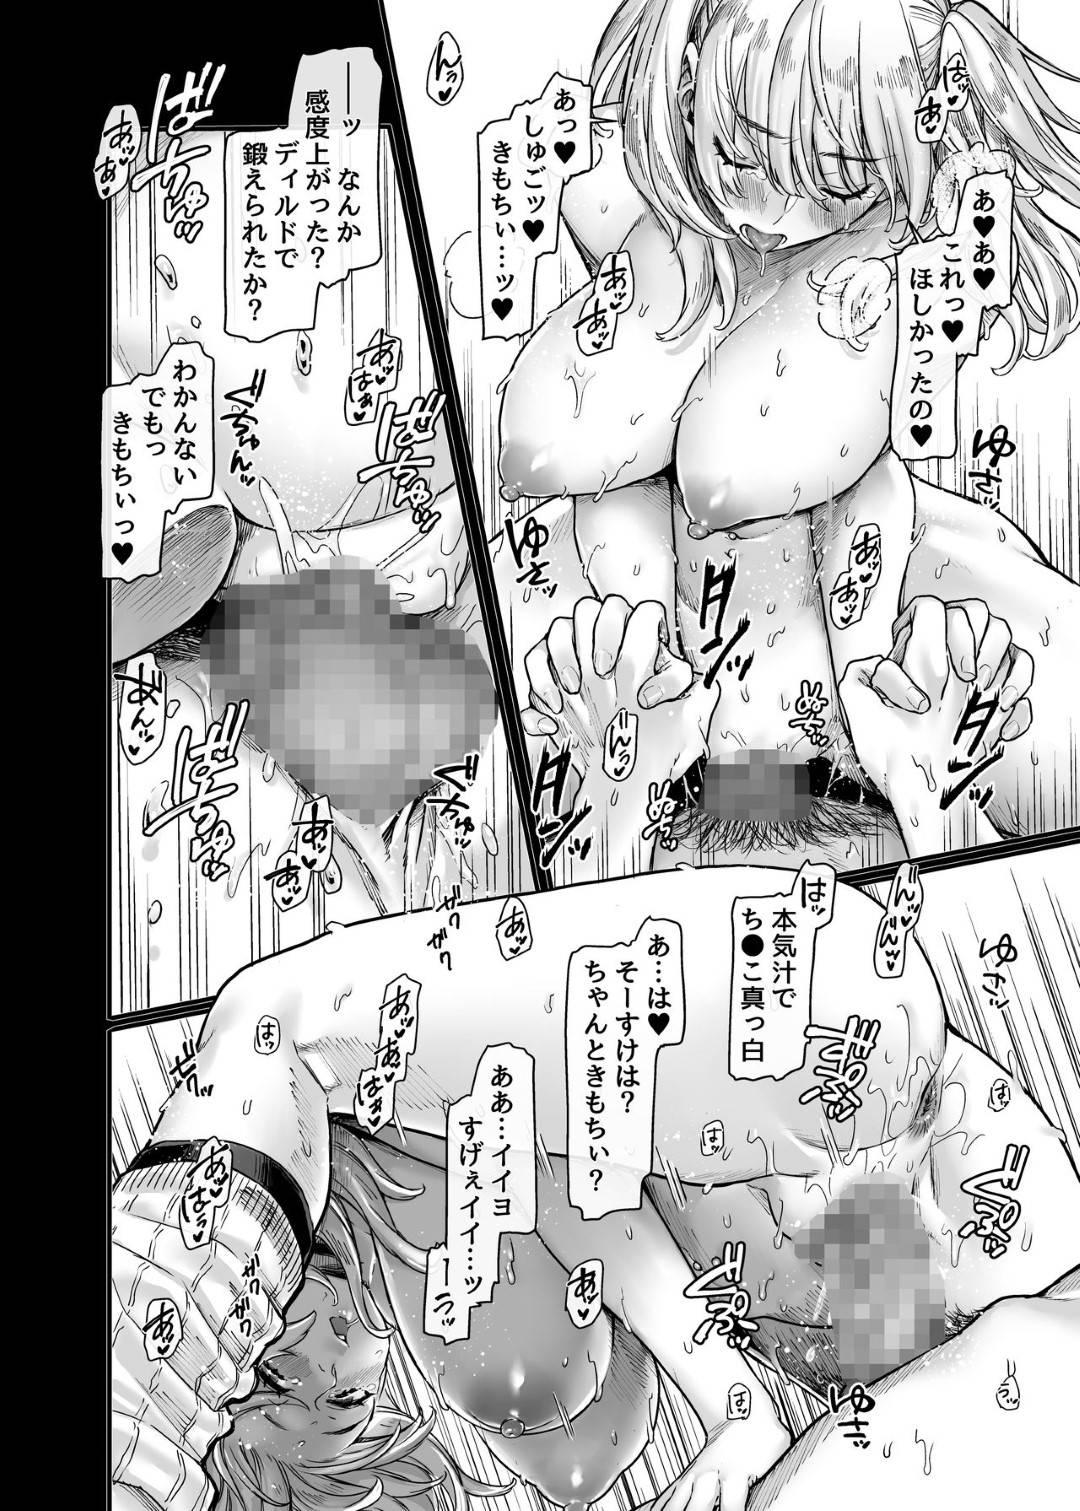 【エロ漫画】ディルドオナニーしているところを彼氏に見られてしまったムチムチギャル…その事がきっかけでエッチな事をする展開になった彼女はディープキスや乳首責めを受け、正常位や対面座位、騎乗位などの体位でチンポを挿入されてヨガりまくる!【露々々木もげら:ラストモール~首吊男子と肉食女子~ 第2話 内気なギャル】